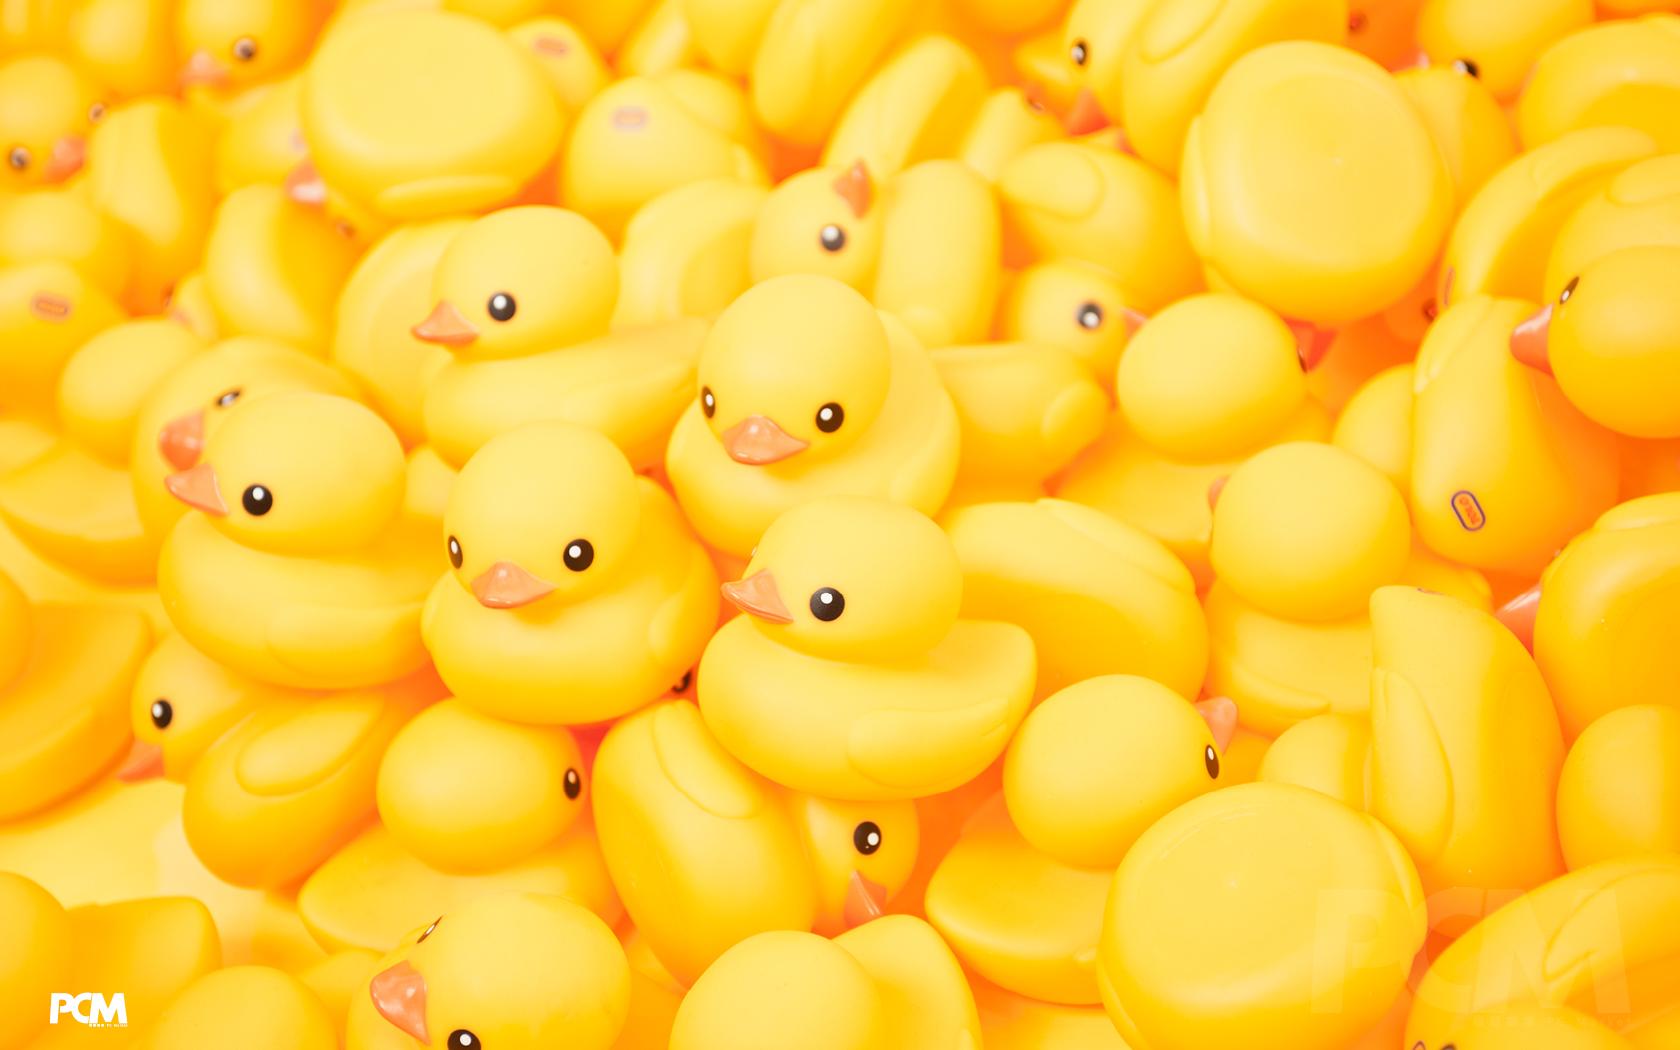 rubber duck wallpaper - photo #16